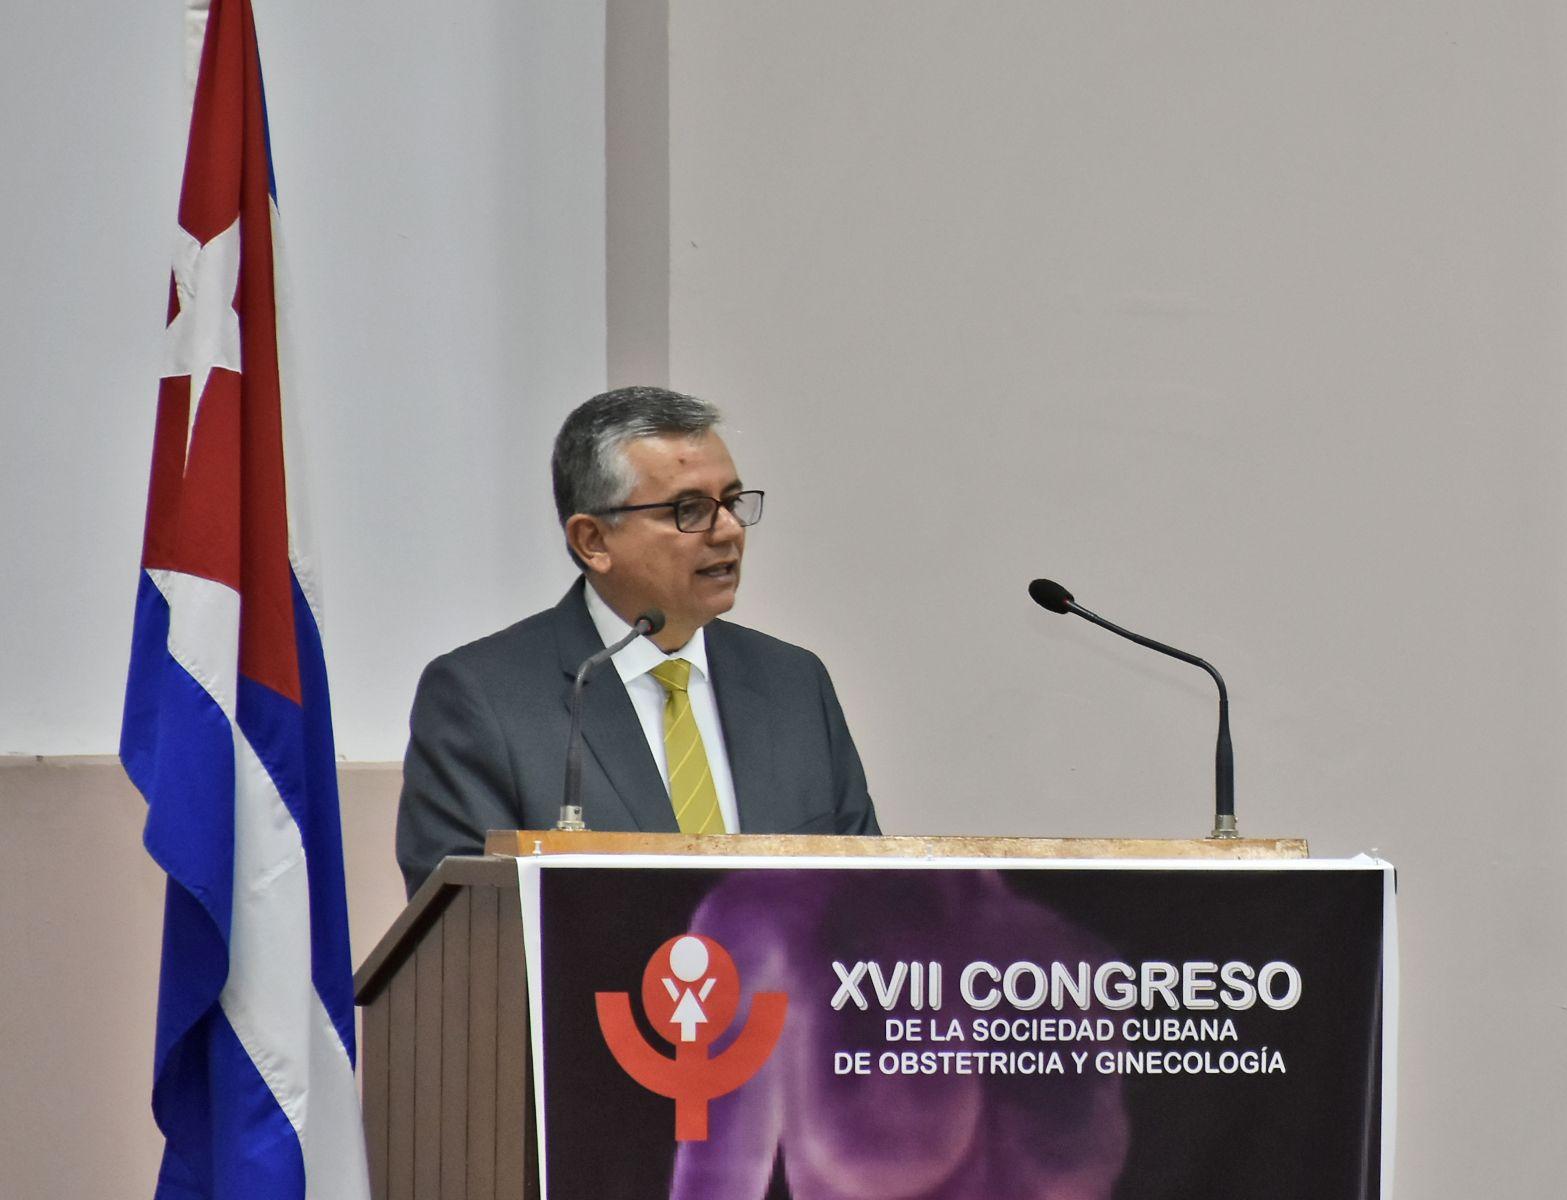 Inicia Congreso Internacional de Ginecología y Obstetricia